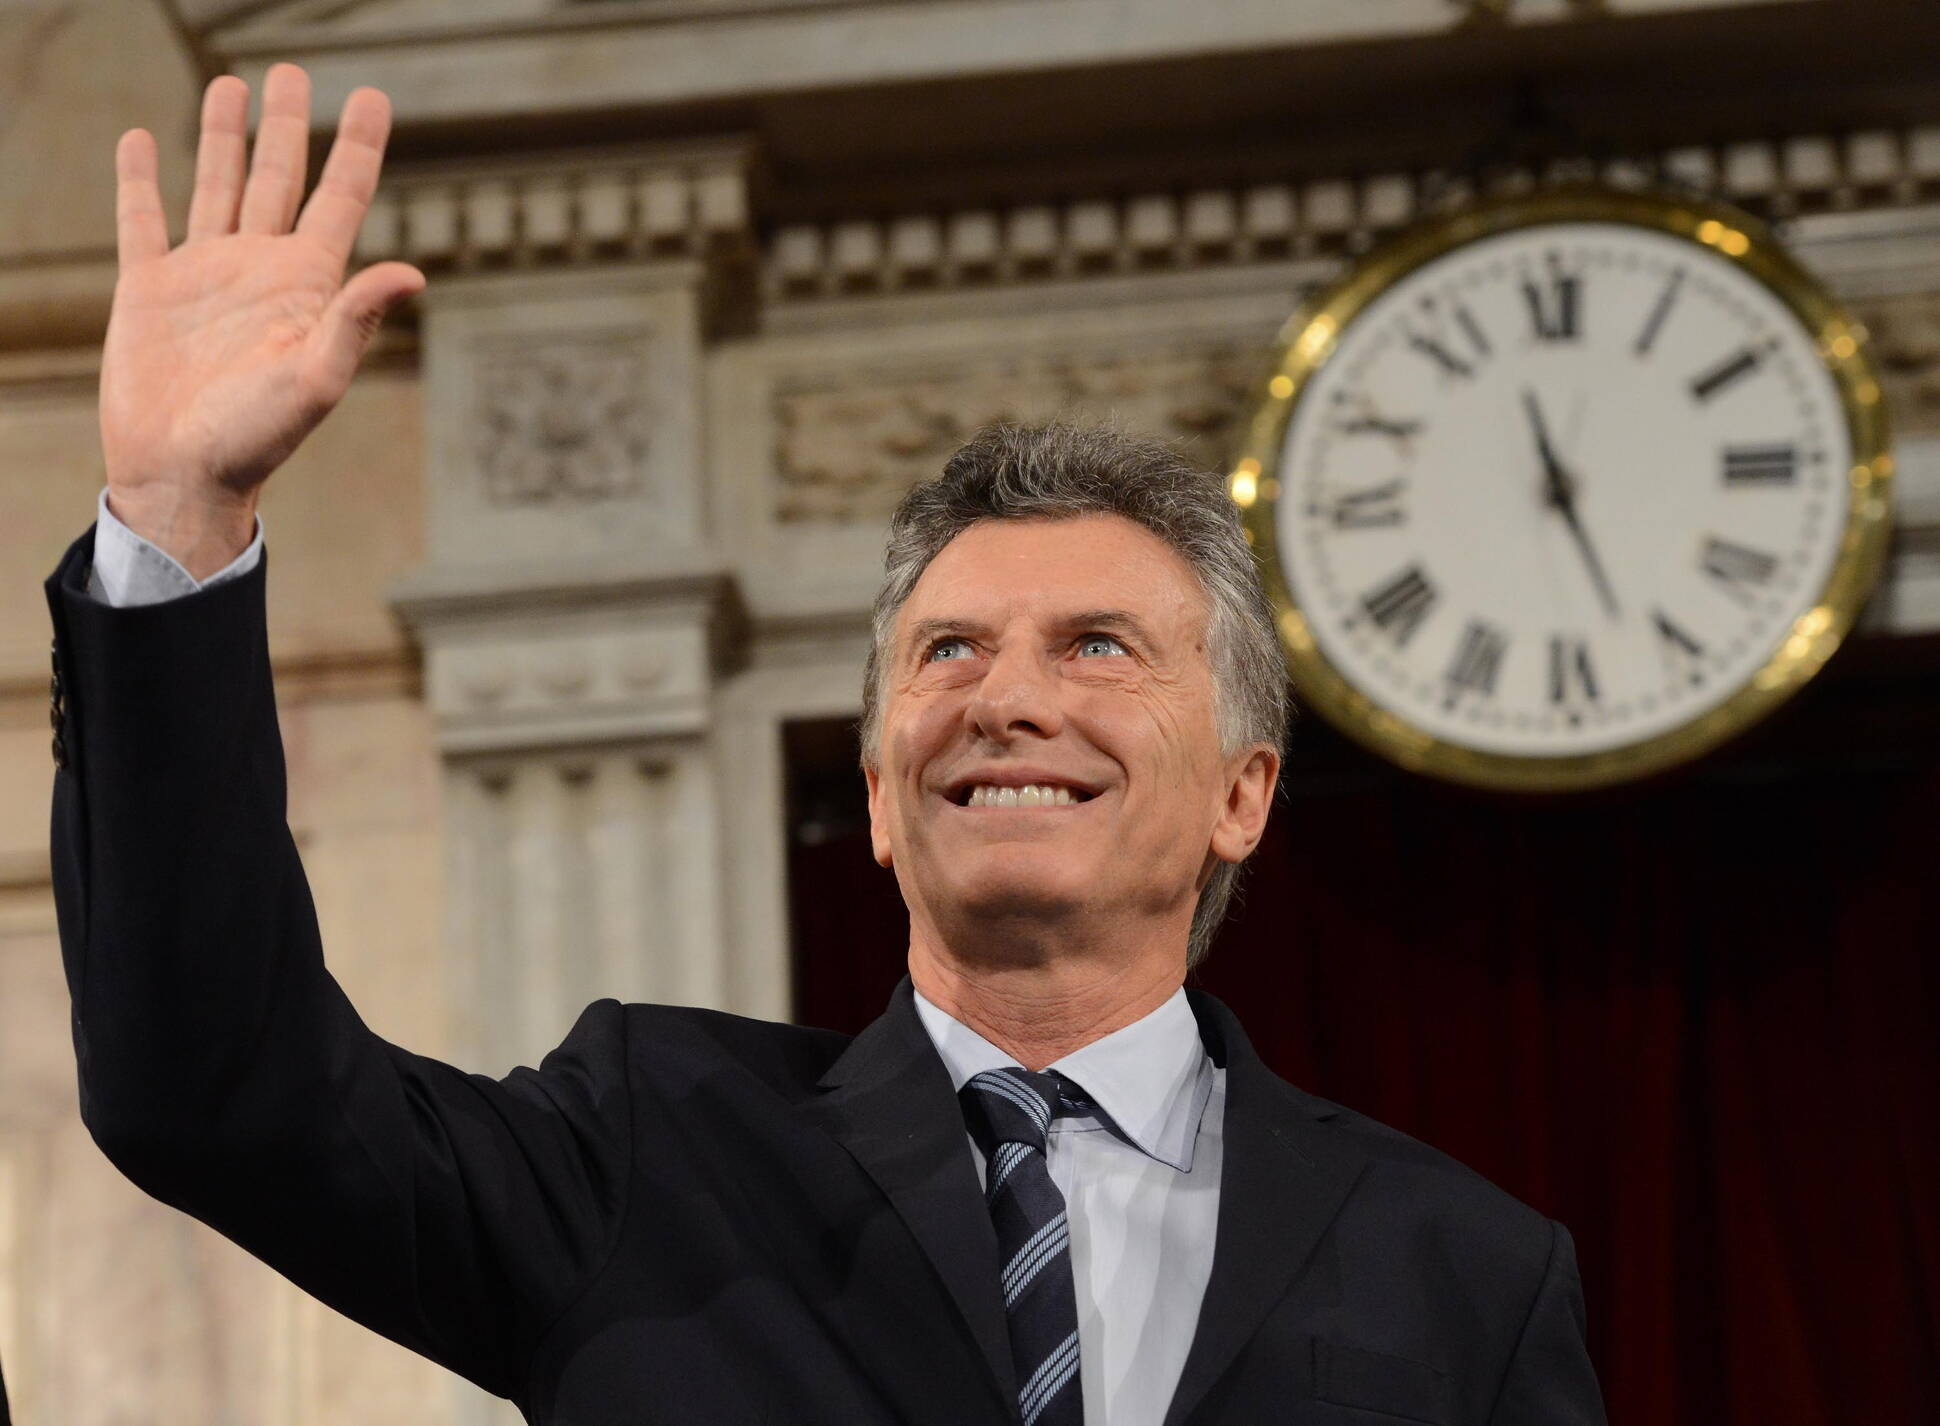 """Macri: """"Hace una década la Argentina es uno de los países con mayor inflación del mundo, con un promedio anual arriba del 20% y una inflación acumulada aproximadamente del 700%"""""""